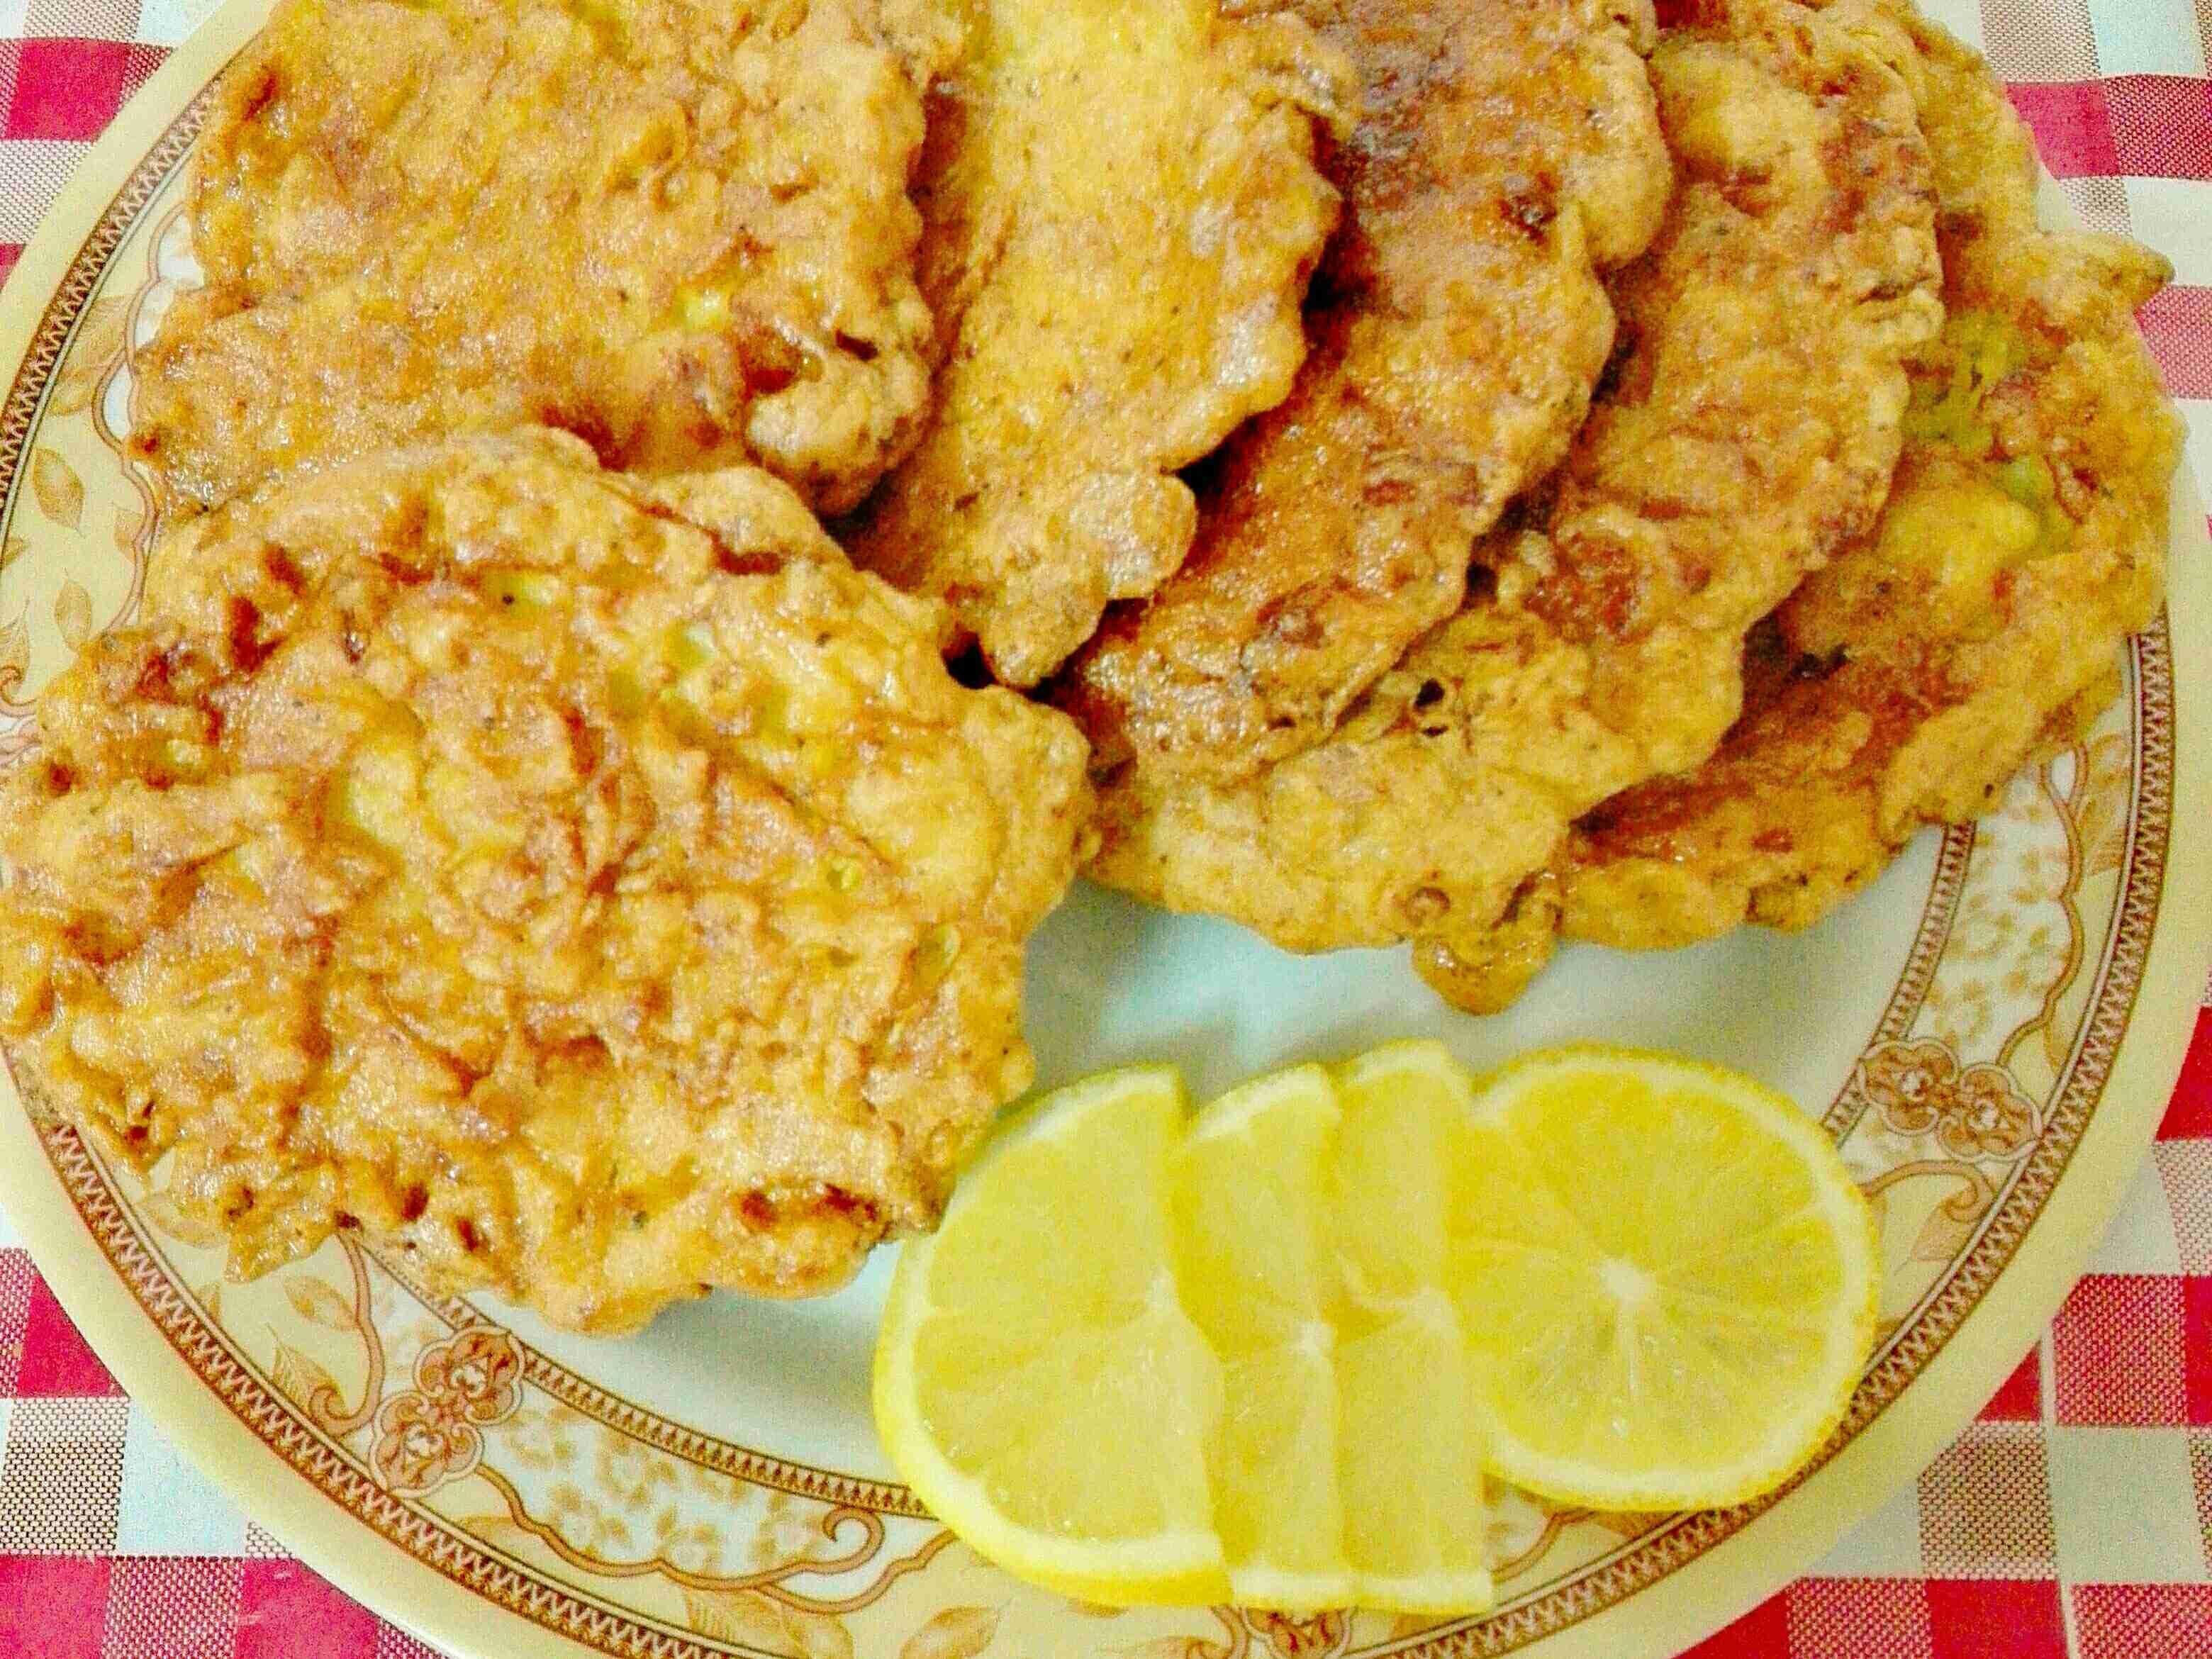 طريقة مشاط الزهره طعم مميز لوجبة الفطور أو العشا زاكي Recipe Food Chicken Wings Chicken